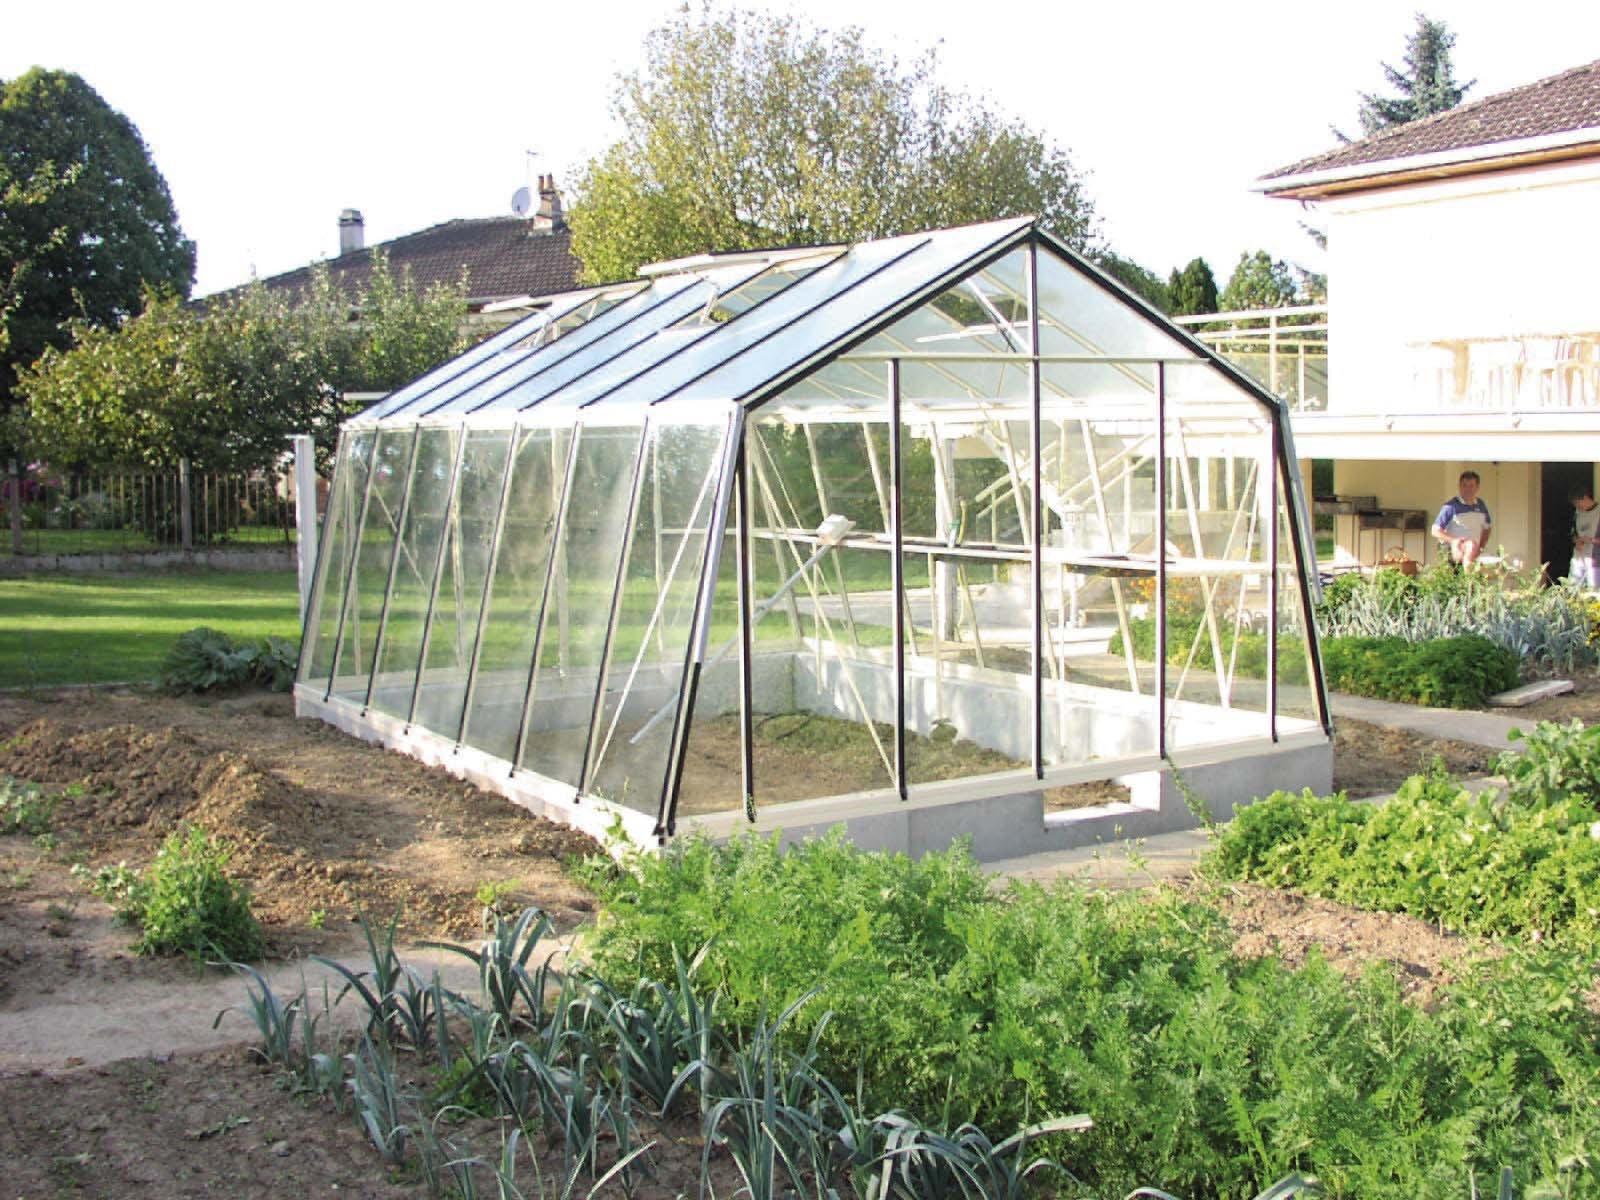 Que Planter En Octobre Sous Serre comment bien choisir votre serre ? | gamm vert